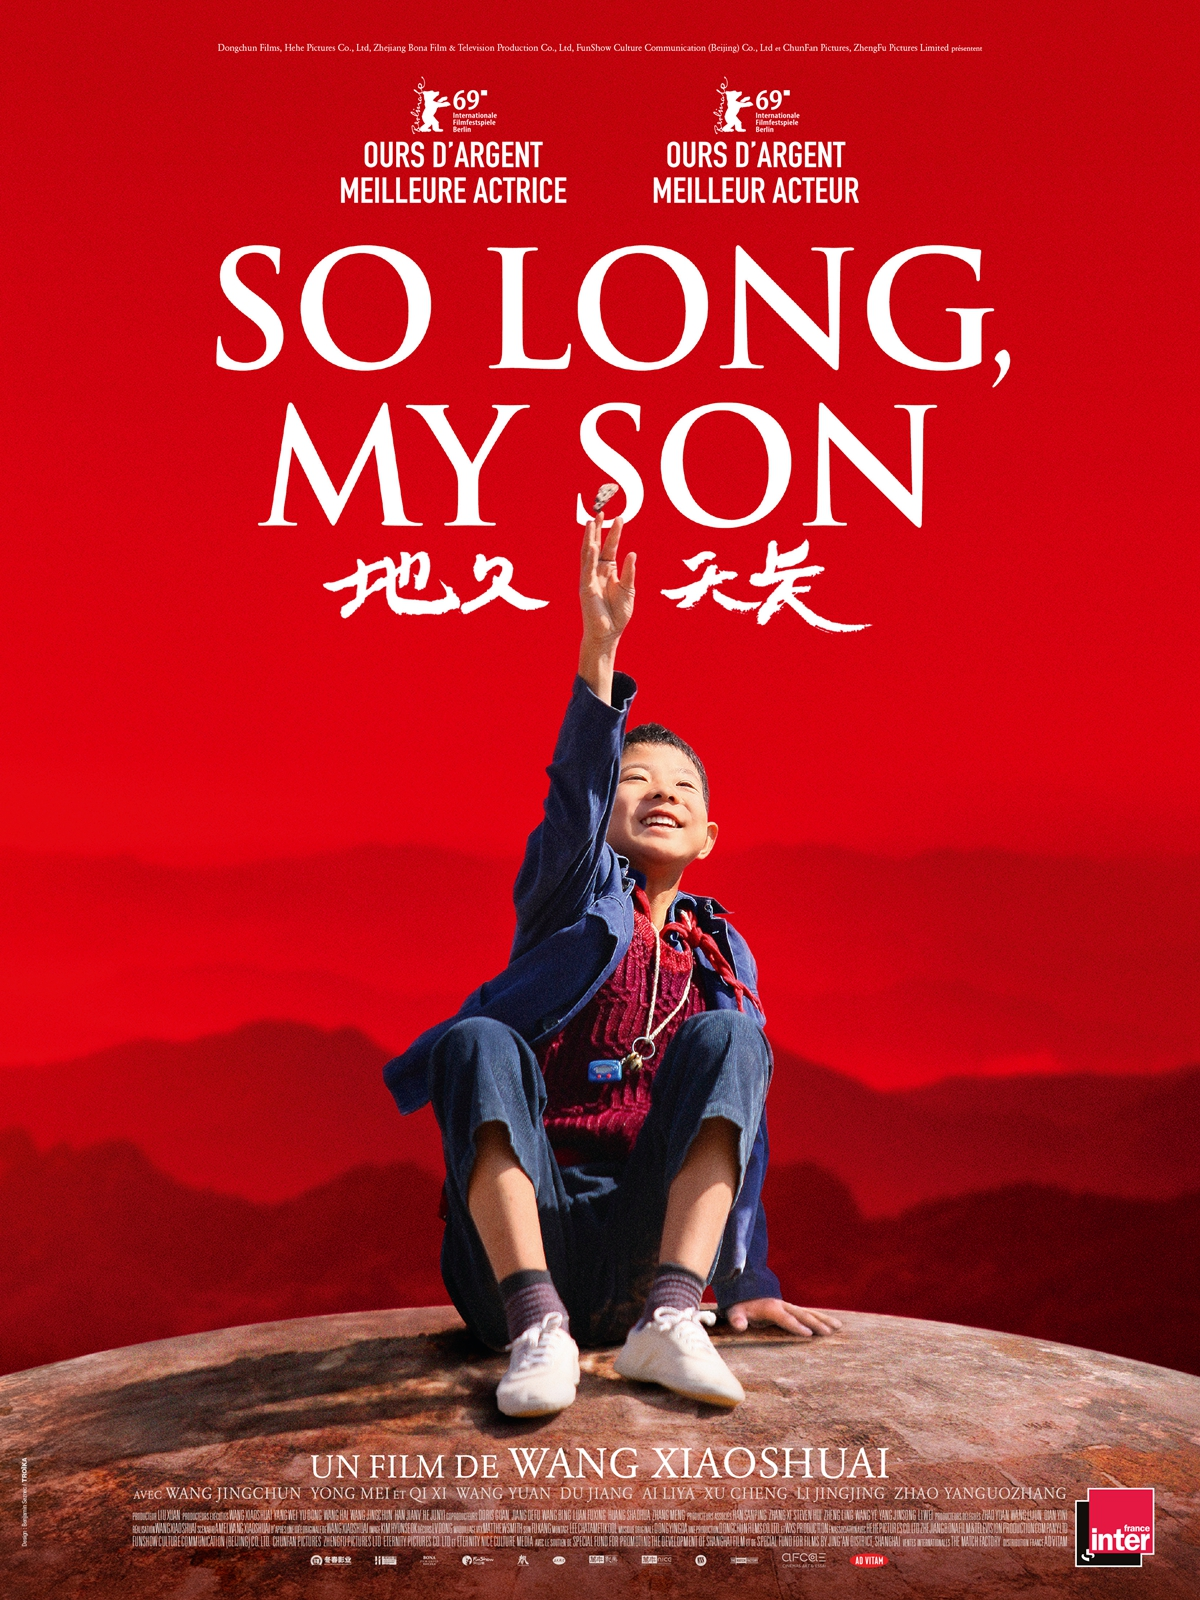 《地久天长》布鲁塞尔国际电影节获奖 近期欧洲四国接连上映